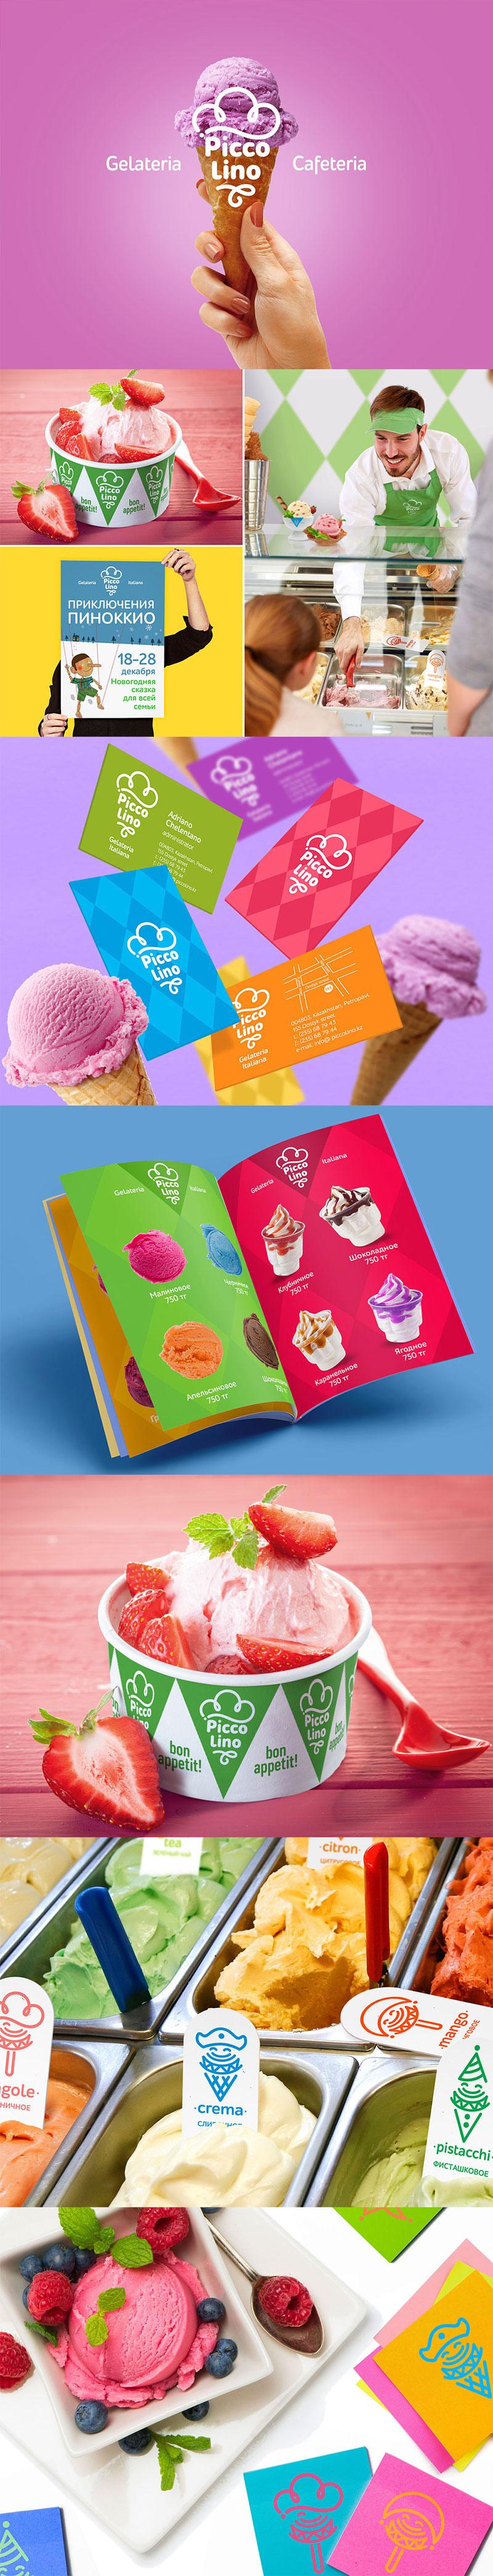 Envasado de helado - Gelateria Piccolino de Rustam Gareyev